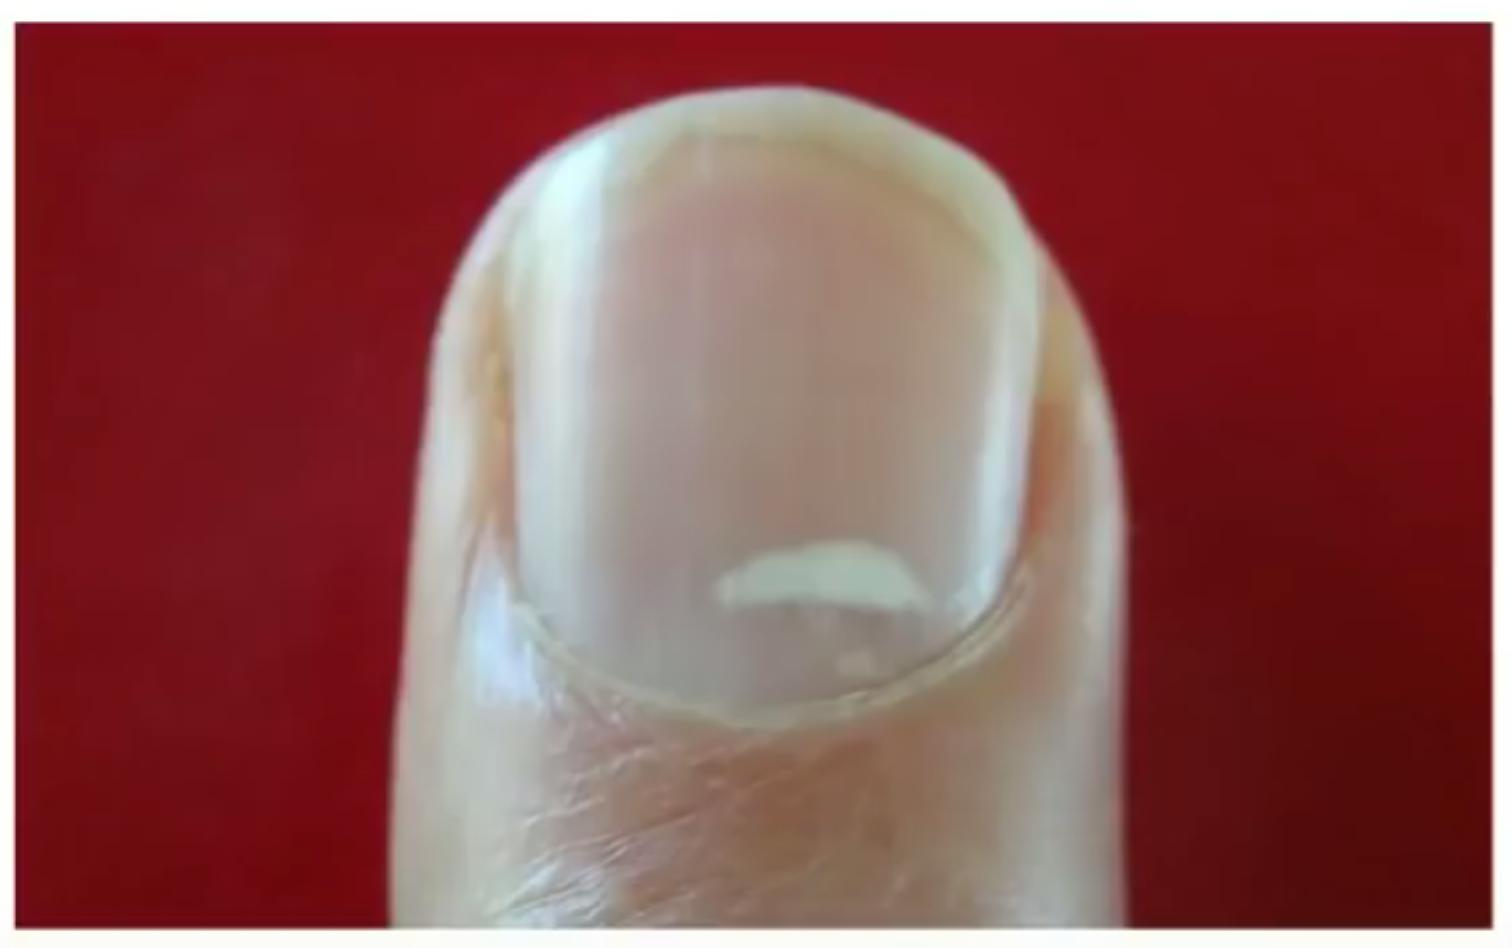 2018 - nails and zinc deficiency | H Pylori Symptoms